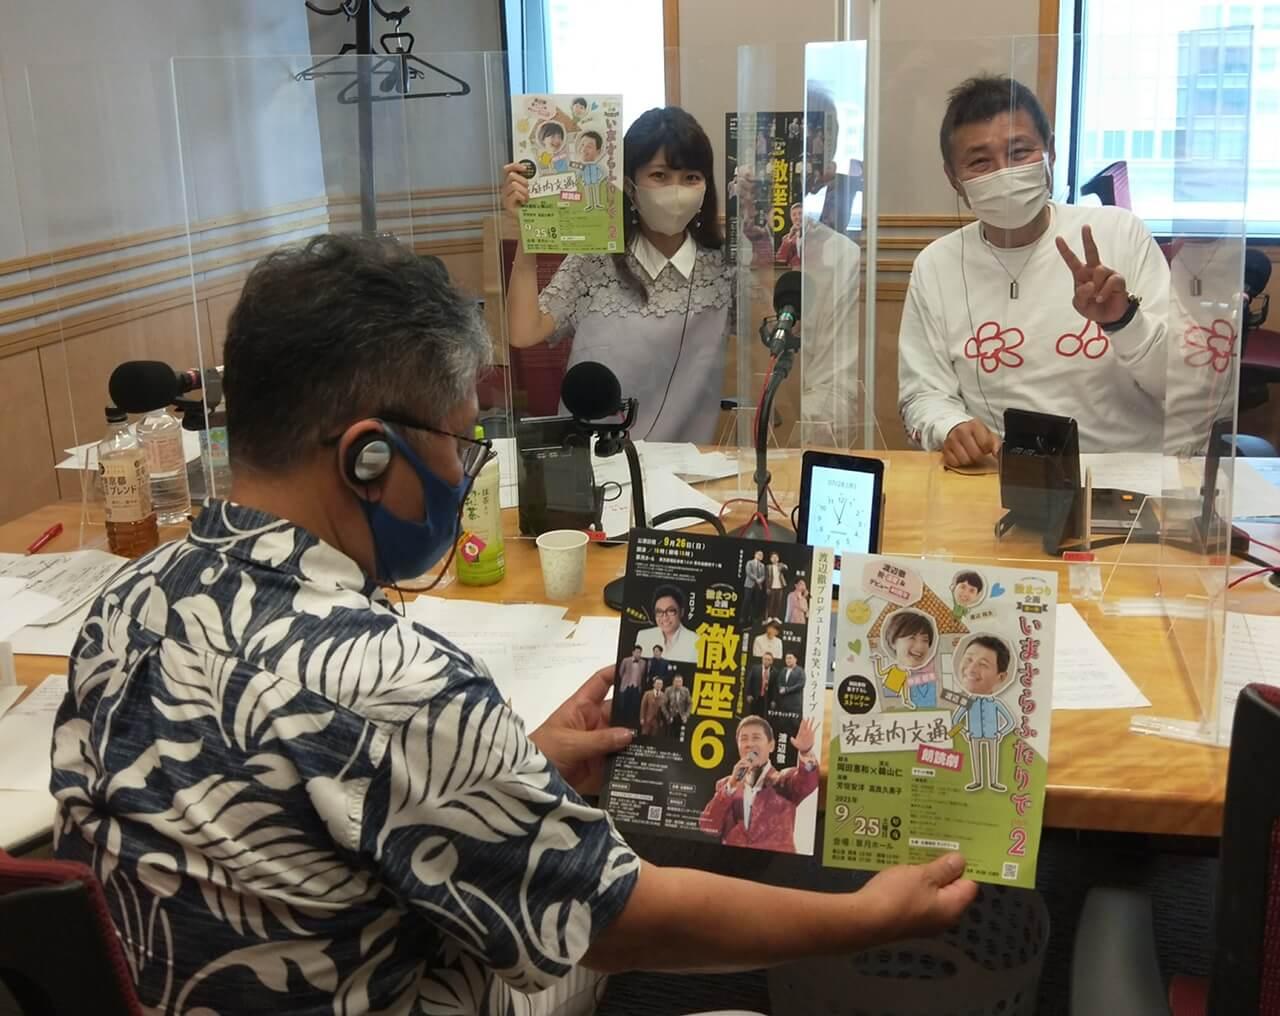 「大病から完全復帰の渡辺徹さんが約1年ぶりに出演!闘病記を赤裸々に語った」〜7月28日「くにまるジャパン極」